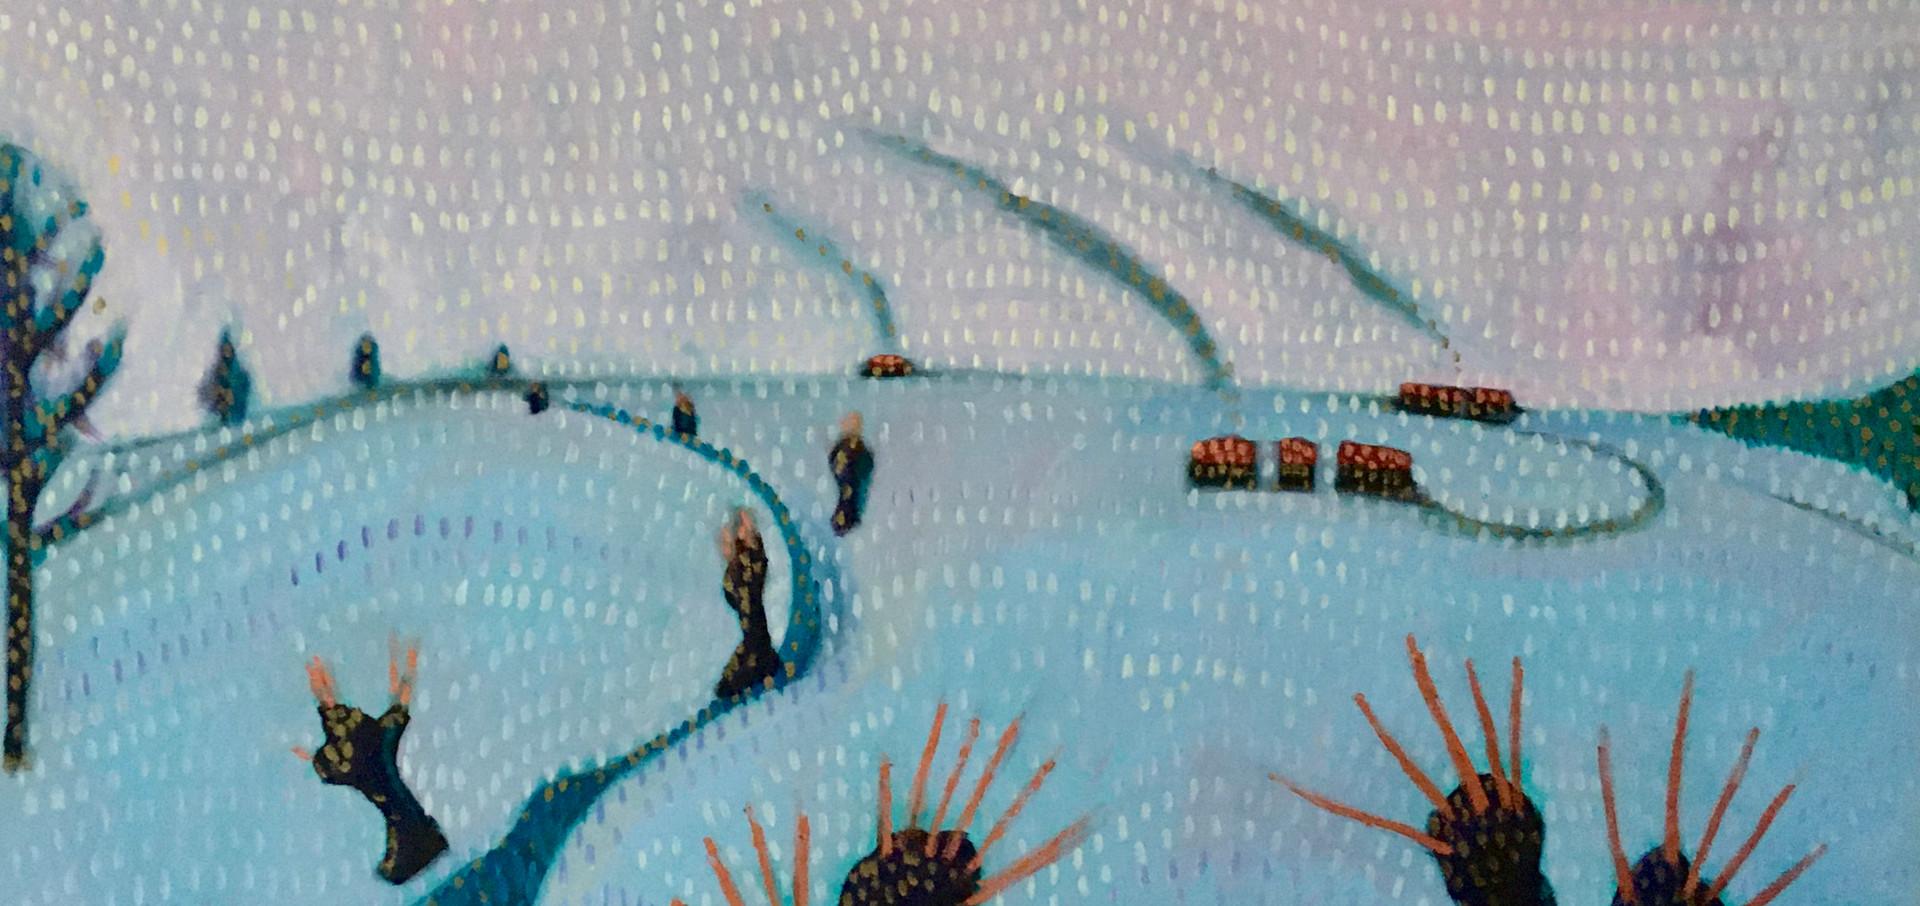 martinj 2020 Winterbild 110 x 100cm.jpeg